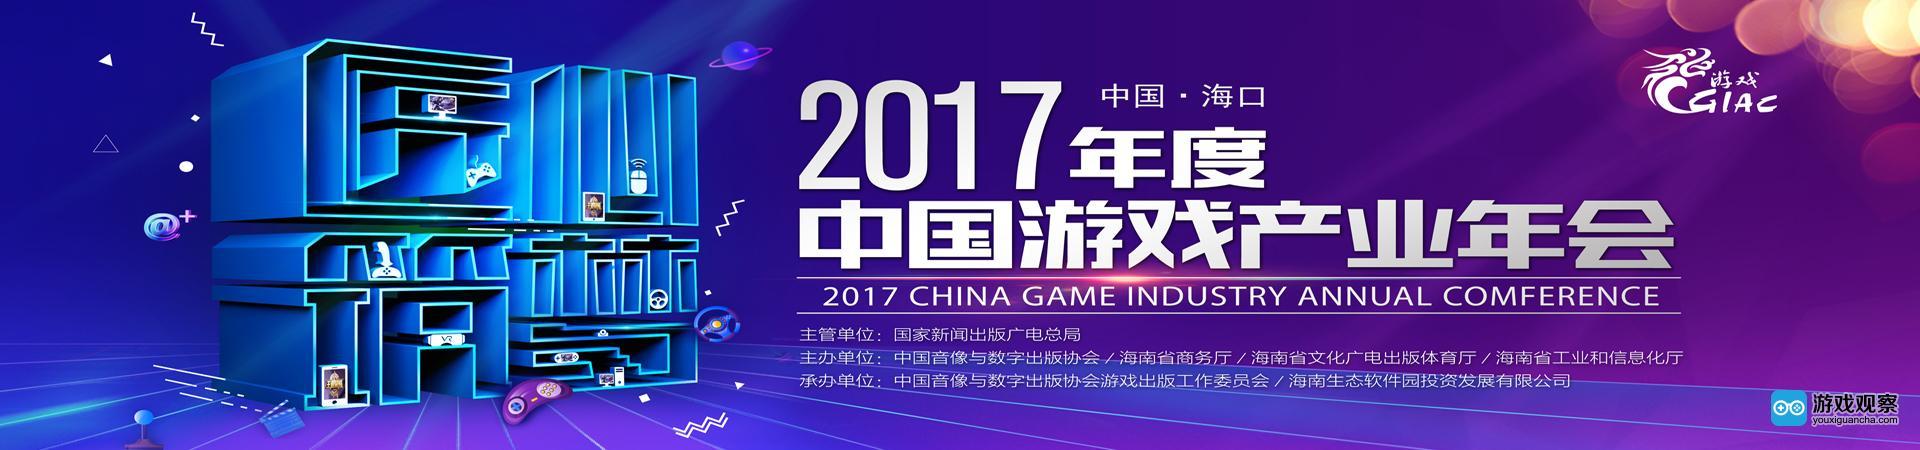 匠心筑梦 再聚海南2017年度中国游戏产业年会开启报名